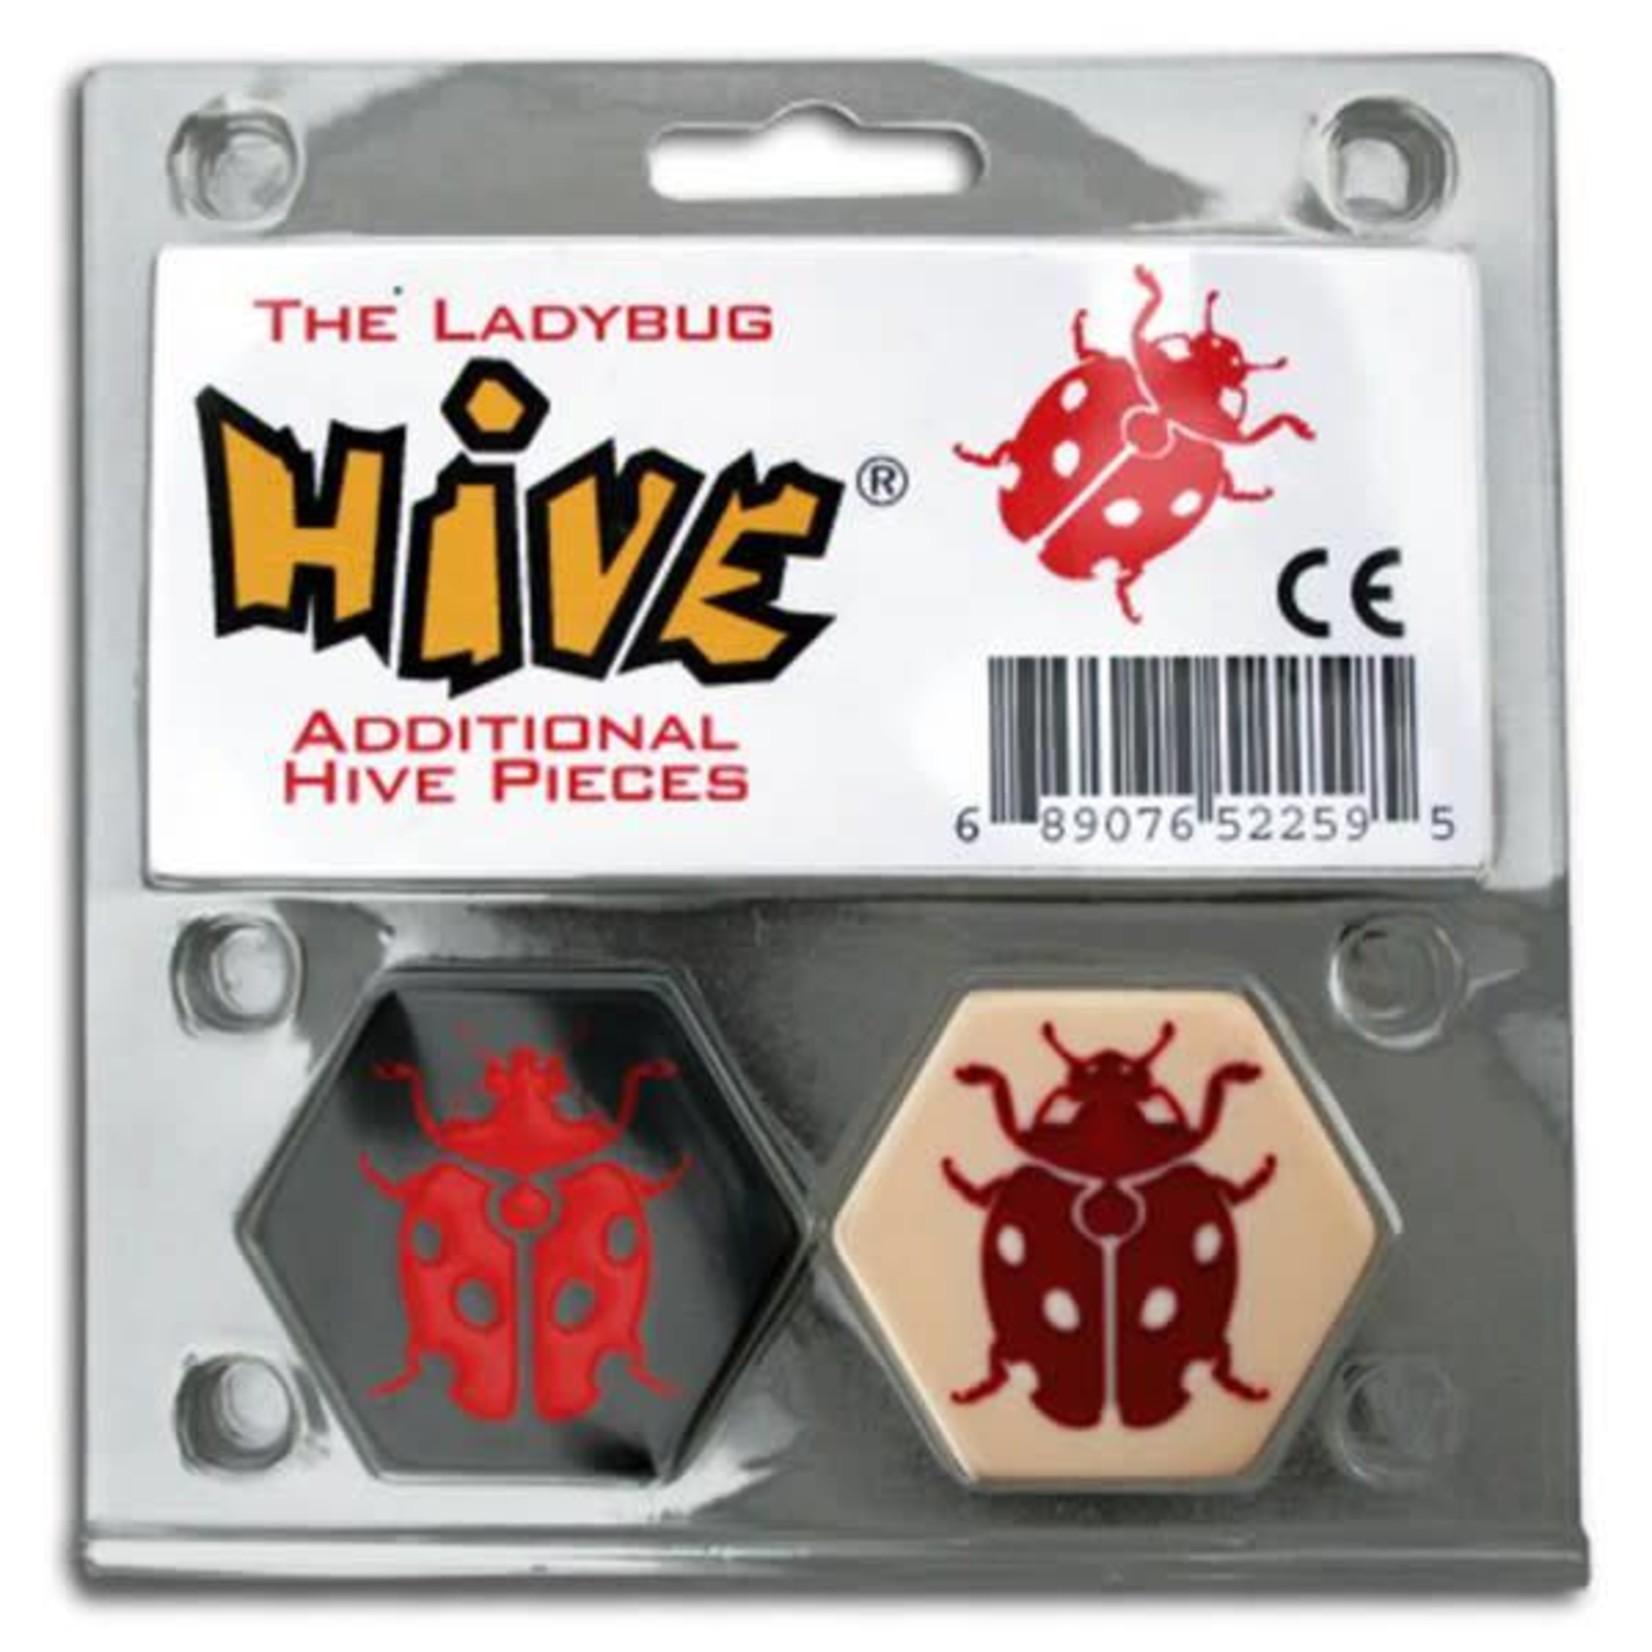 Smart Zone Games Hive Ladybug